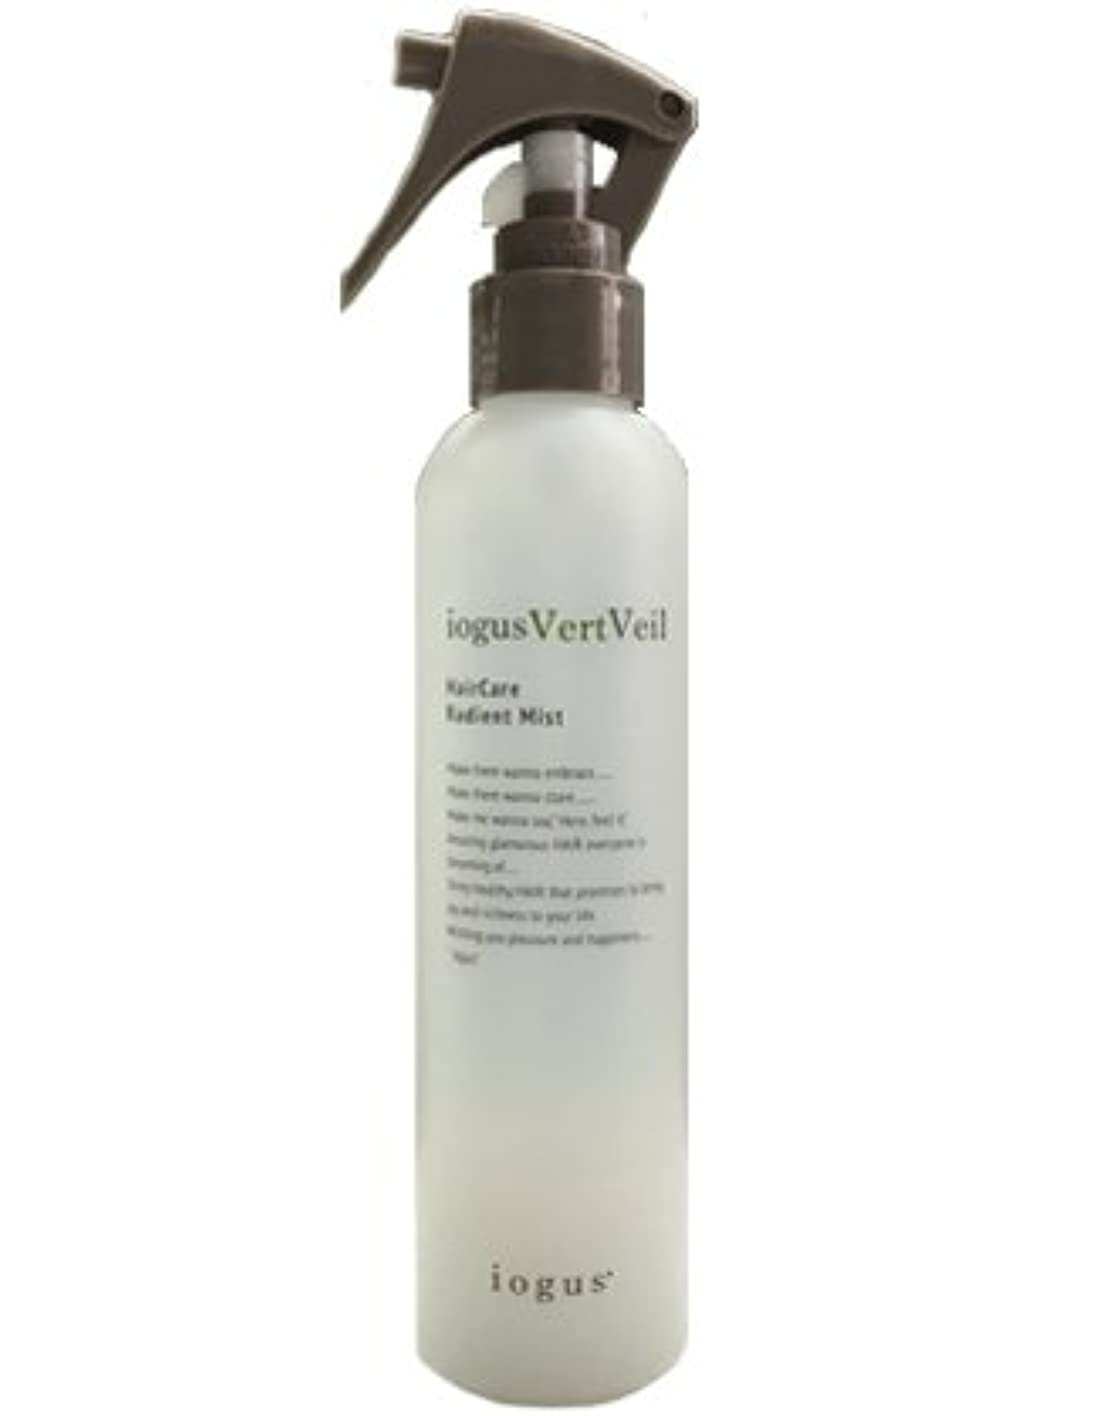 イオグスヴェールヴェールミスト 200ml 美容室で大人気!芯のある髪にする導入型CMCミストが圧倒的な浸透力を実現!髪の内部までしっかり浸透し、ダメージホールを減少させ、艶やかでまとまりのある髪にします